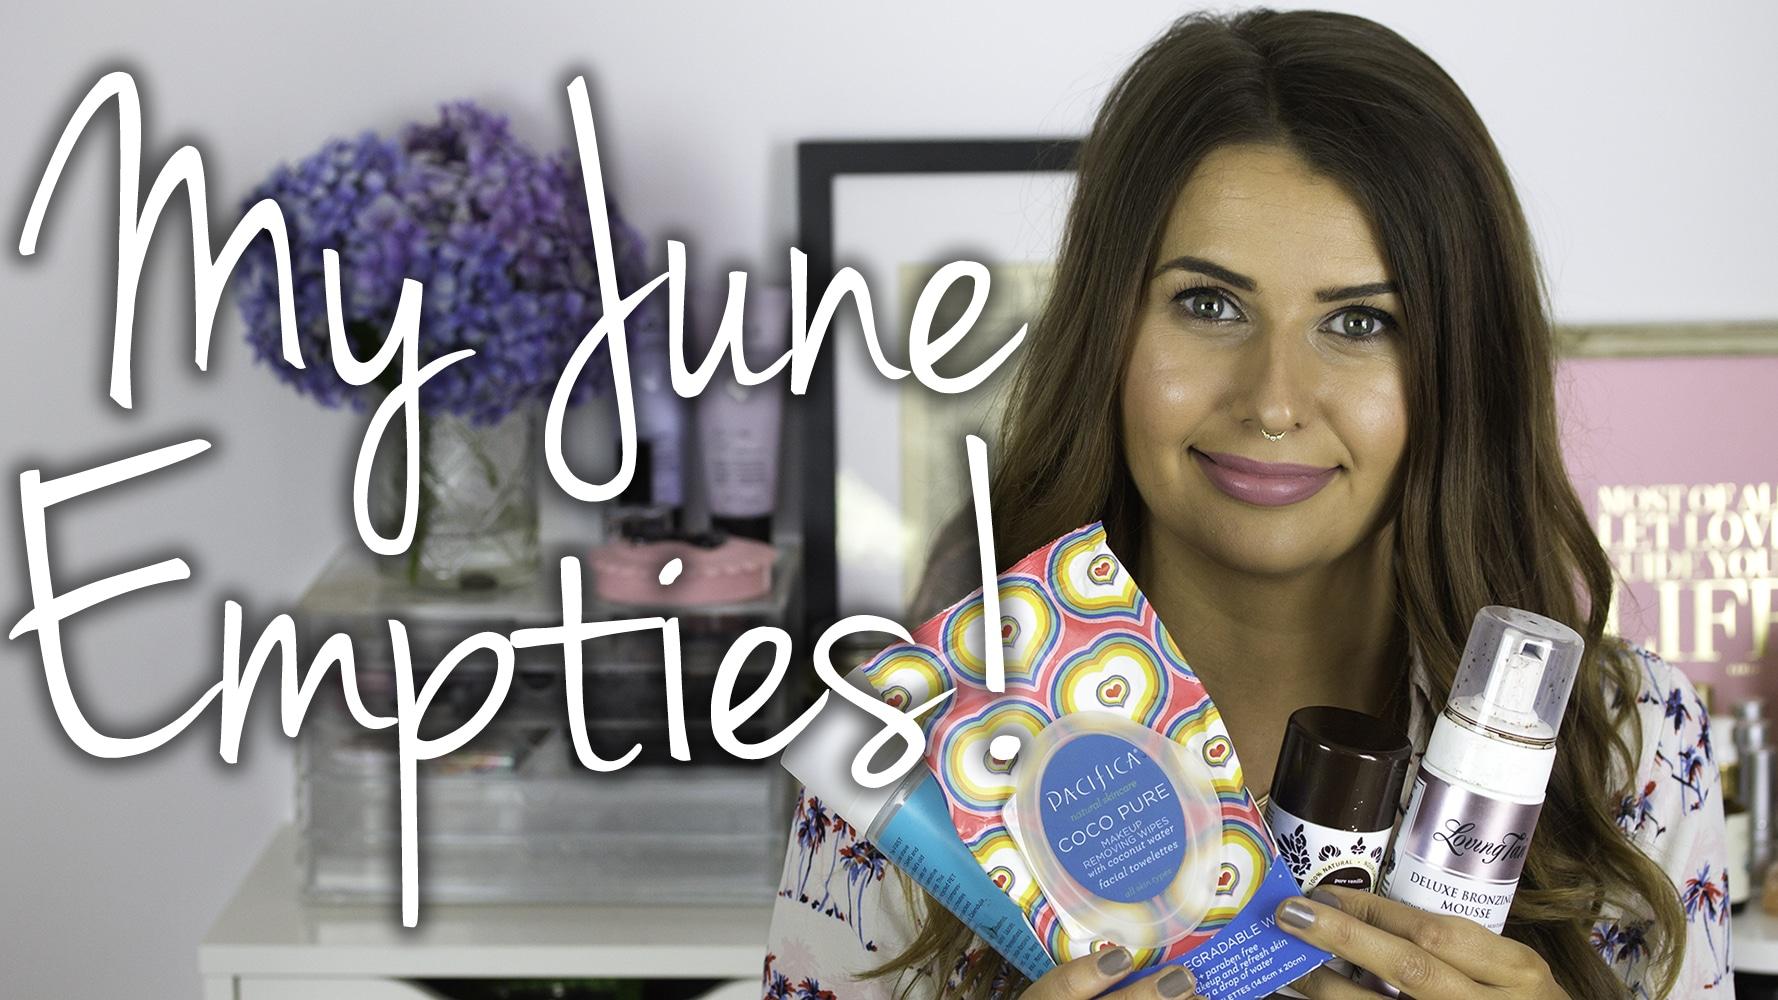 June 2015 Empties Video